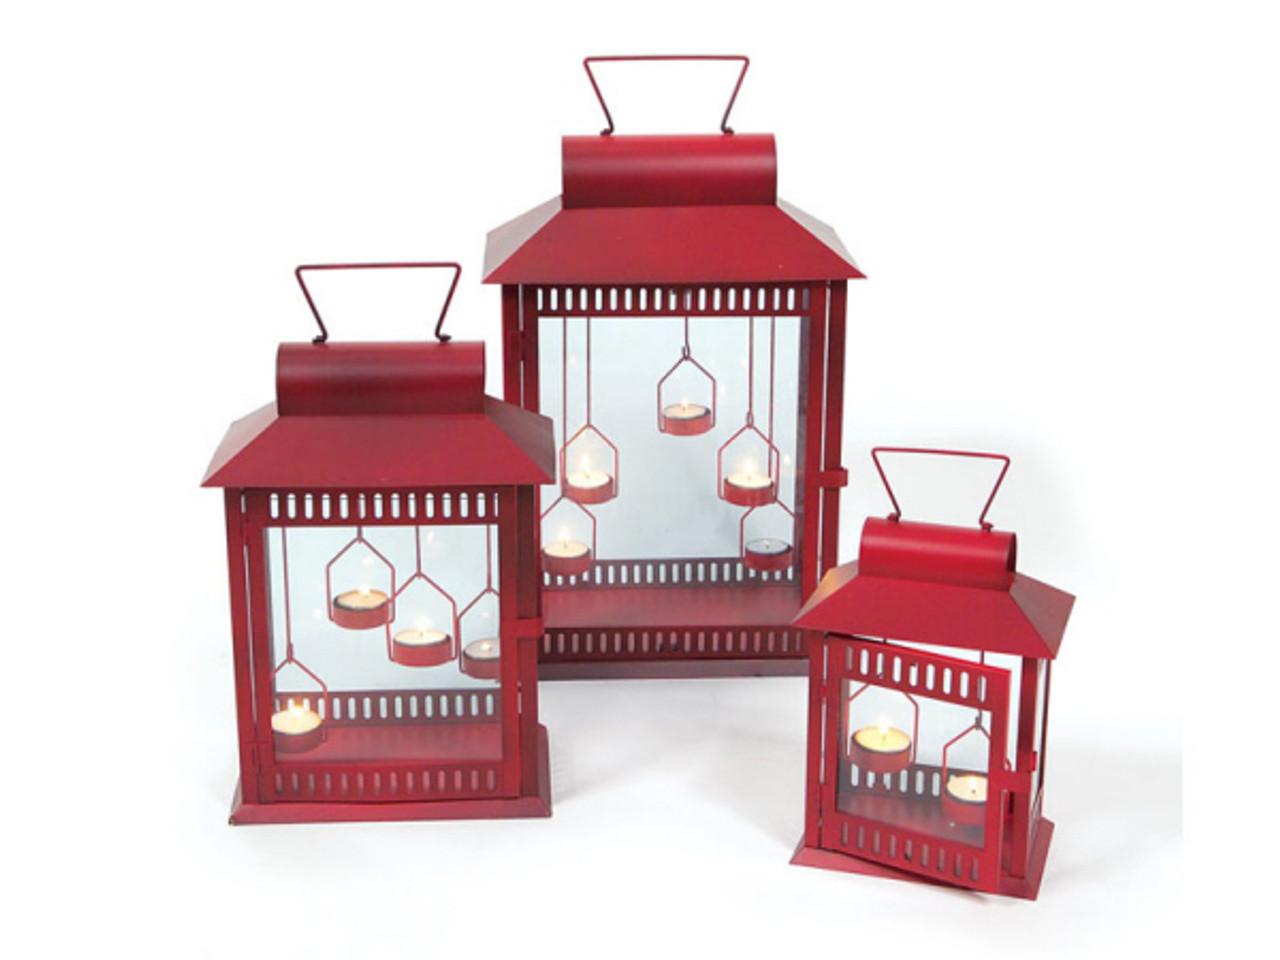 Set of 3 red christmas indooroutdoor tea light candle lanterns 18 set of 3 red christmas indooroutdoor tea light candle lanterns 18 30656468 workwithnaturefo